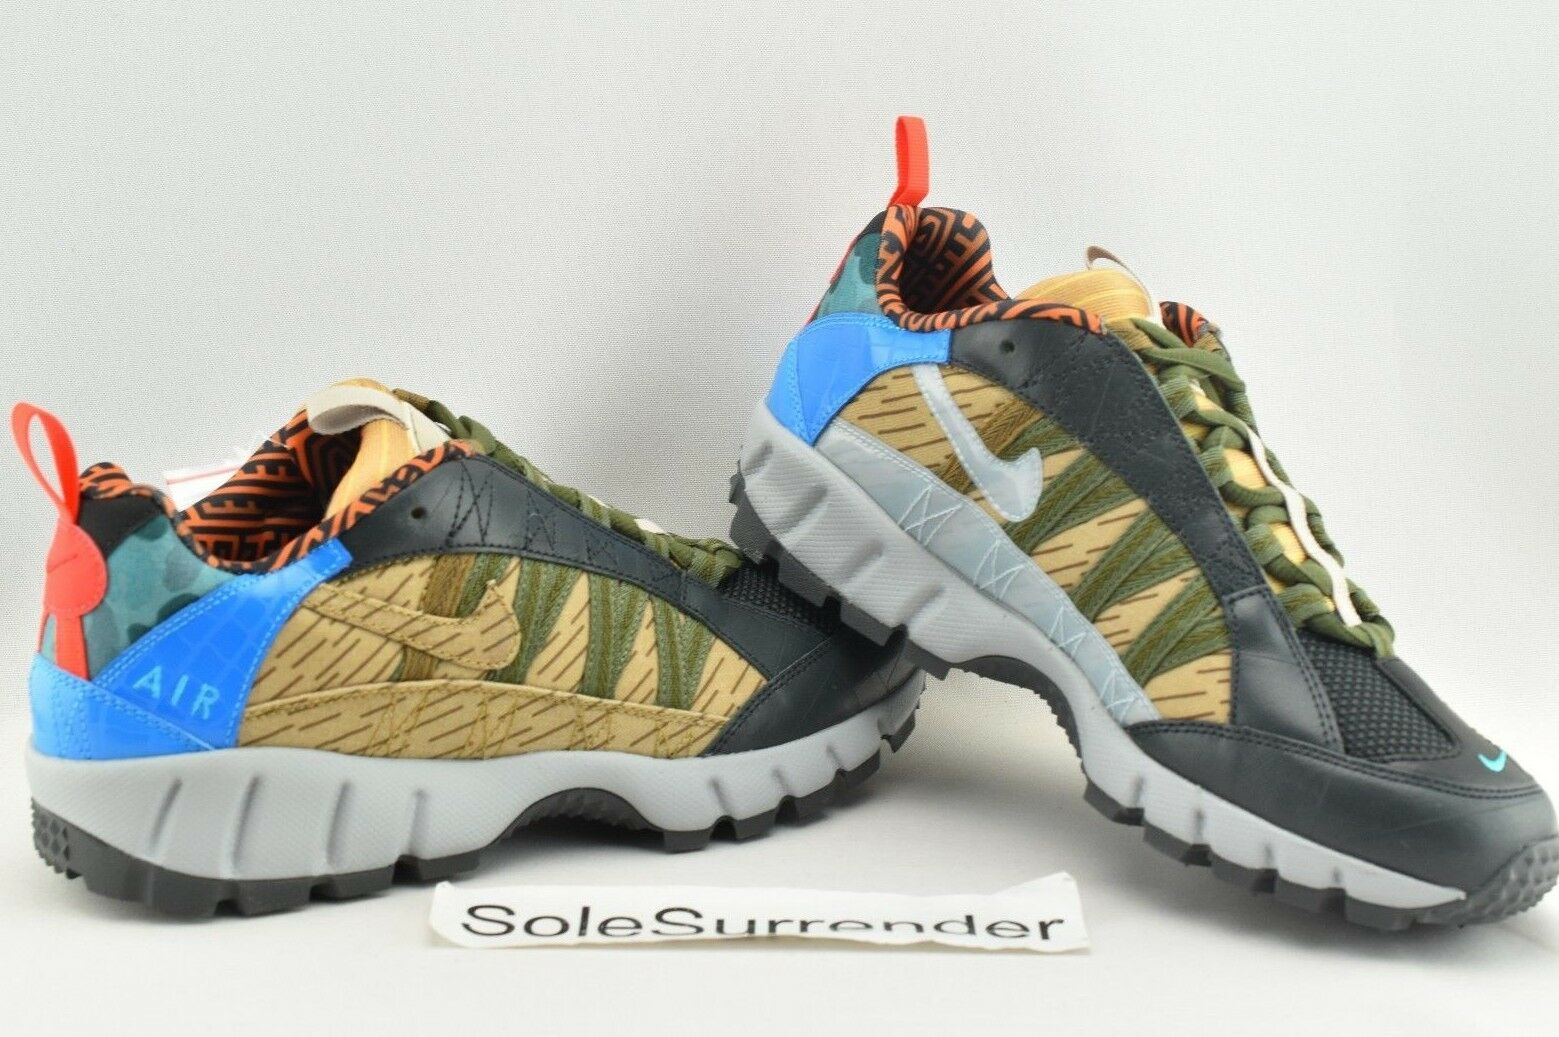 Nike air humara 17 001 premi misura 8,5 Nike ao2606 001 17 acg   913e27